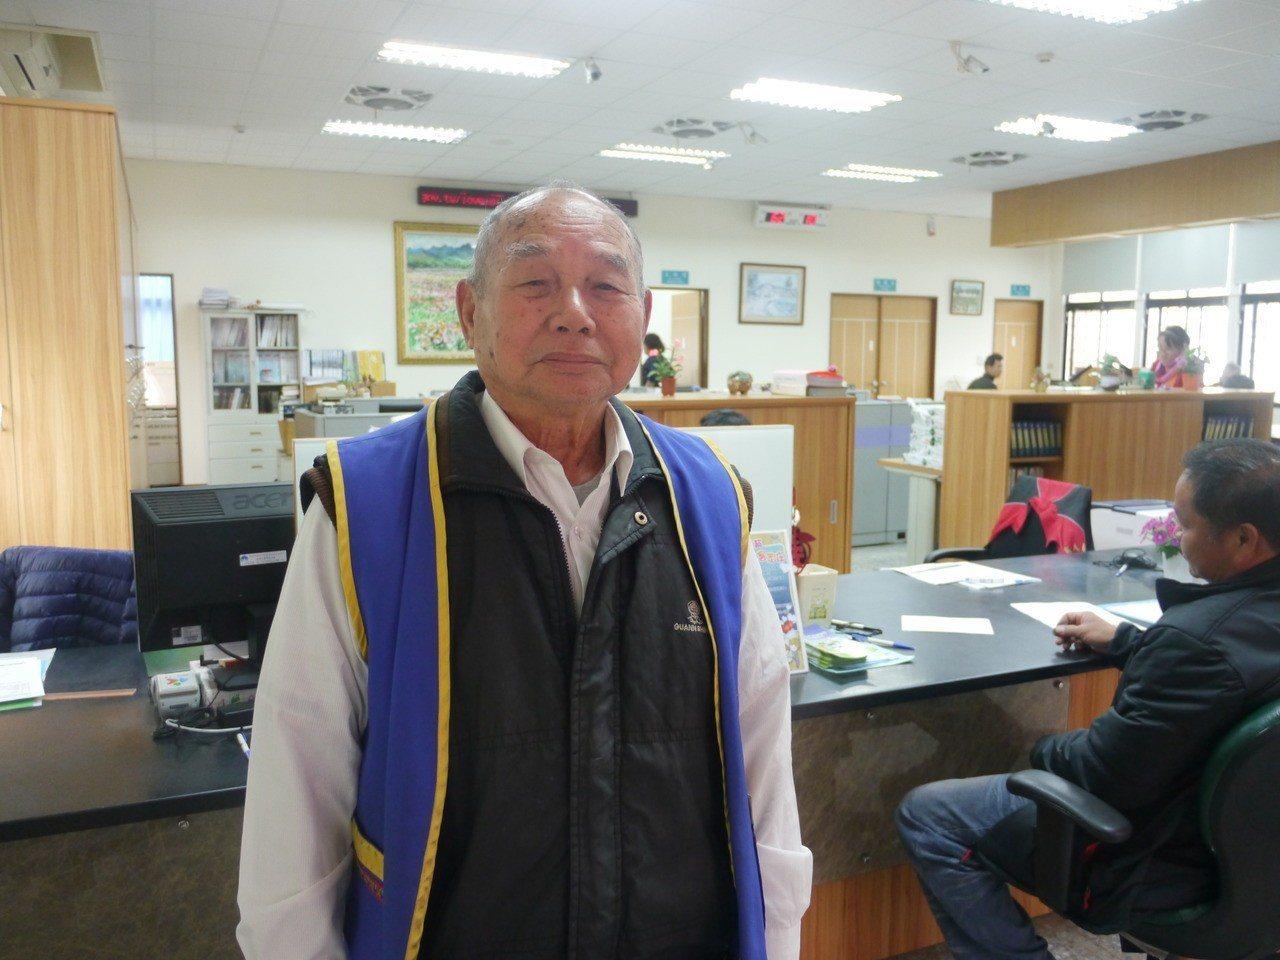 蕭文和是美濃客家文物館與戶政事務所的不老志工,服務精神令人敬佩。記者徐白櫻/攝影